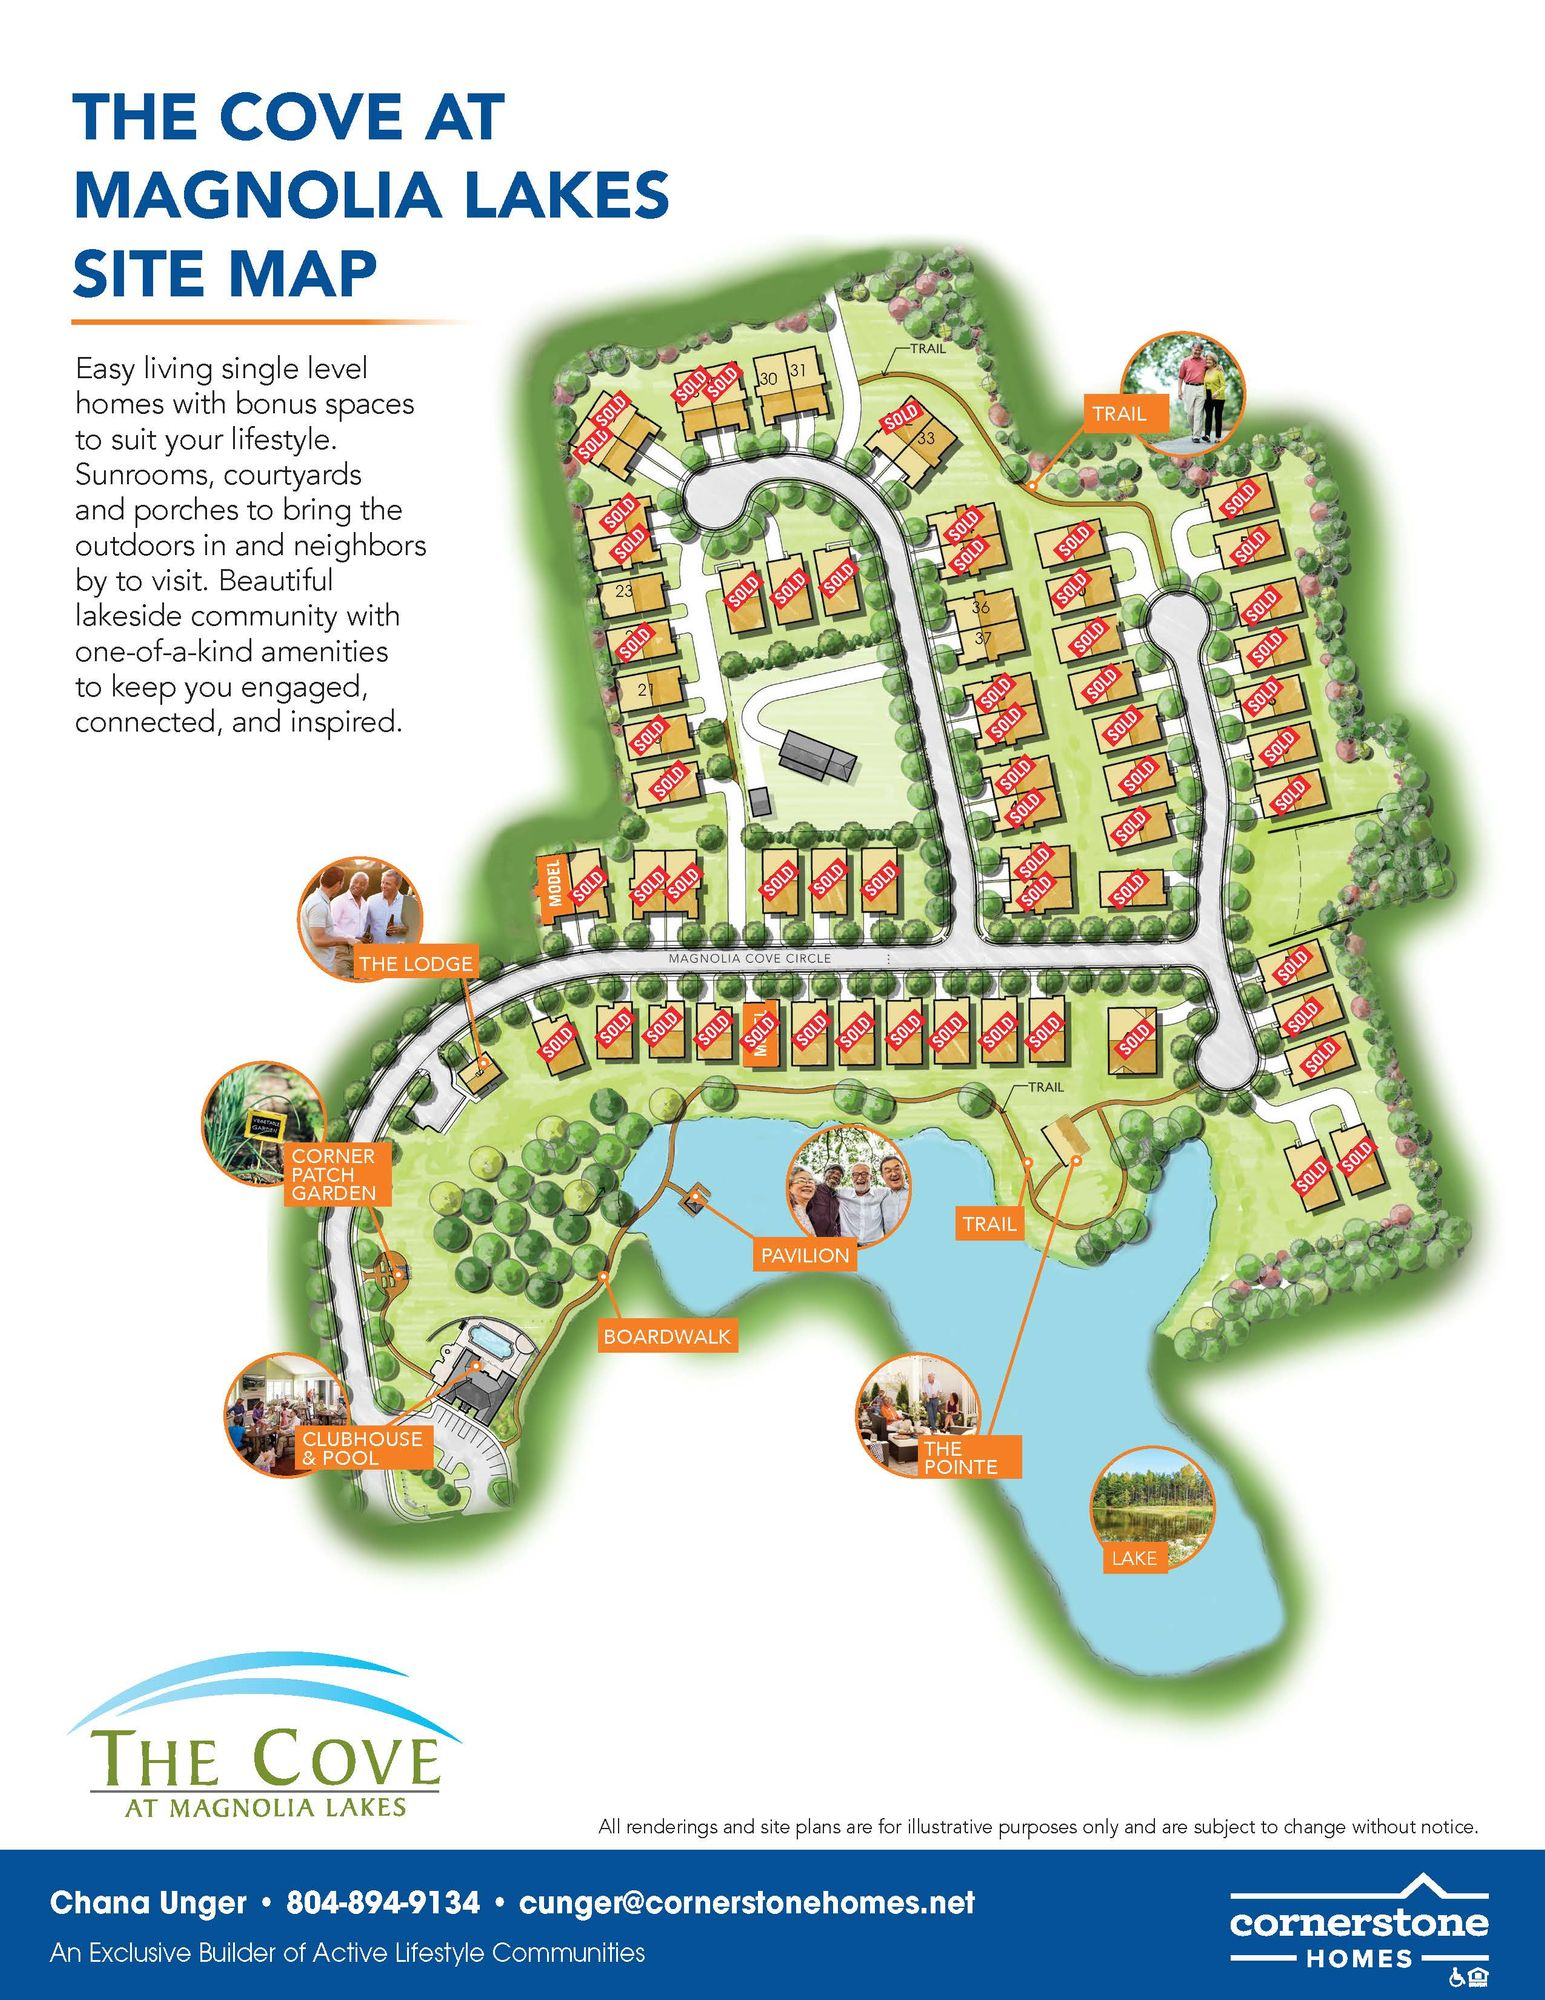 The Cove at Magnolia Lakes